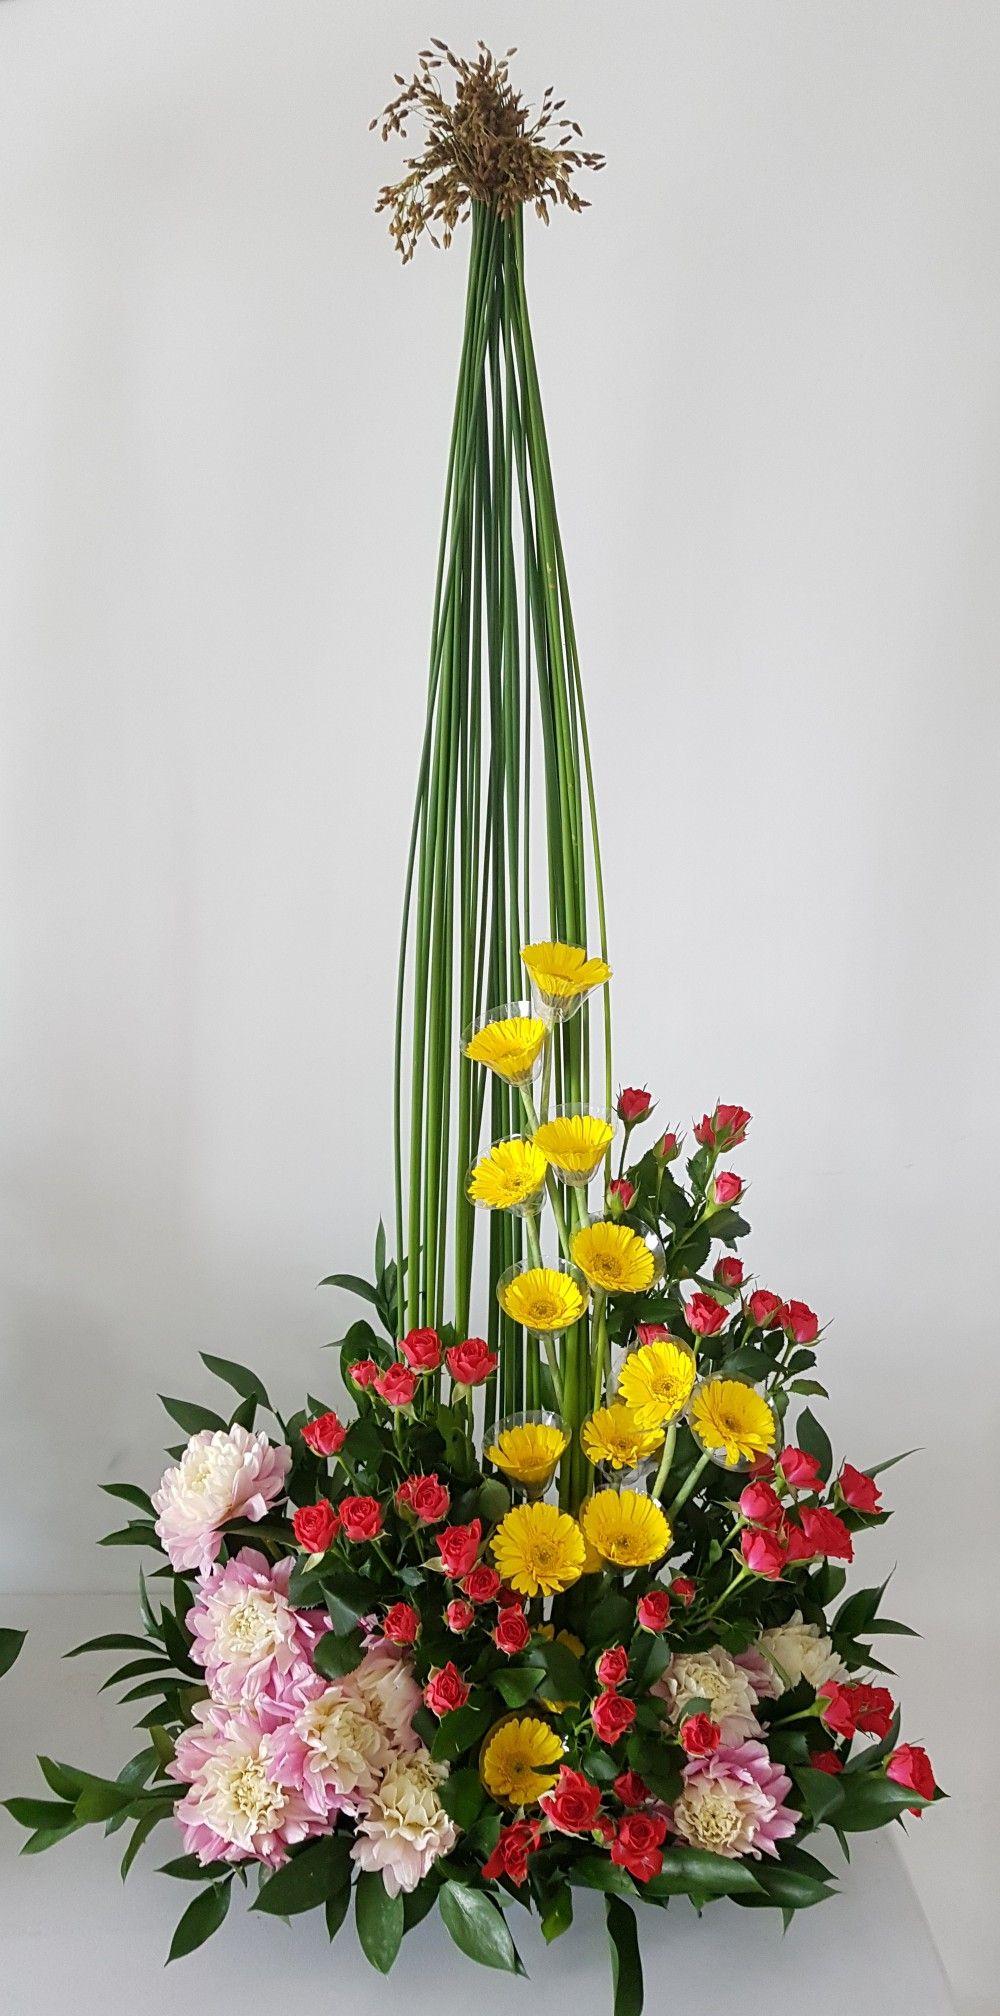 Tall Floral Arrangements, Church Flower Arrangements, Altar Flowers, Spirals, Orchids,